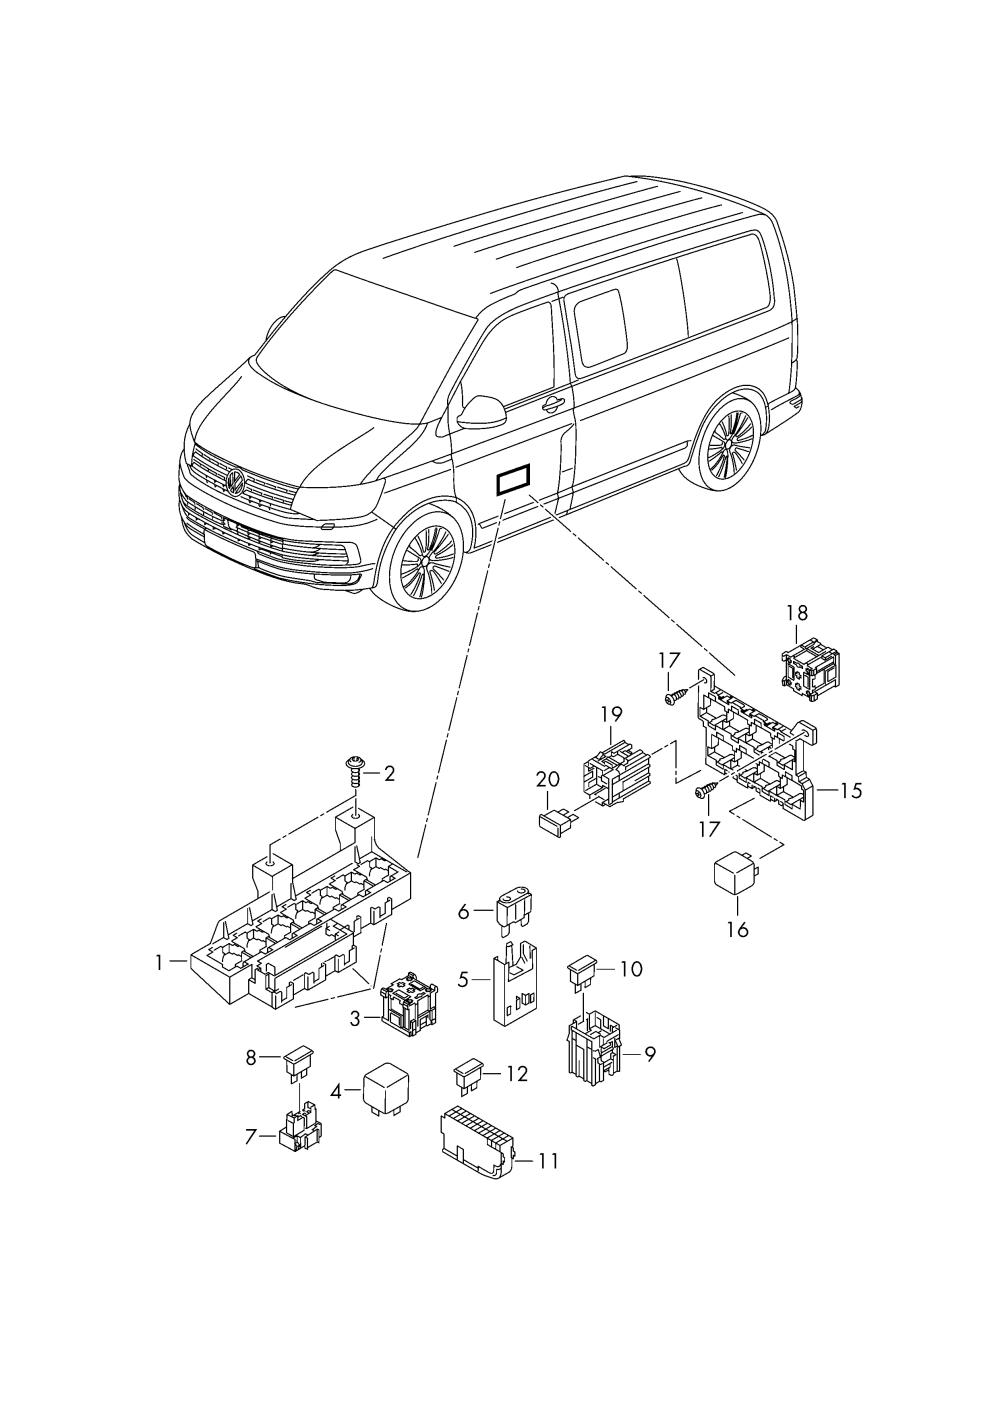 medium resolution of  fuse diagram 2005 volkswagen source volkswagen transporter kombi 2016 2017 relay relay plate